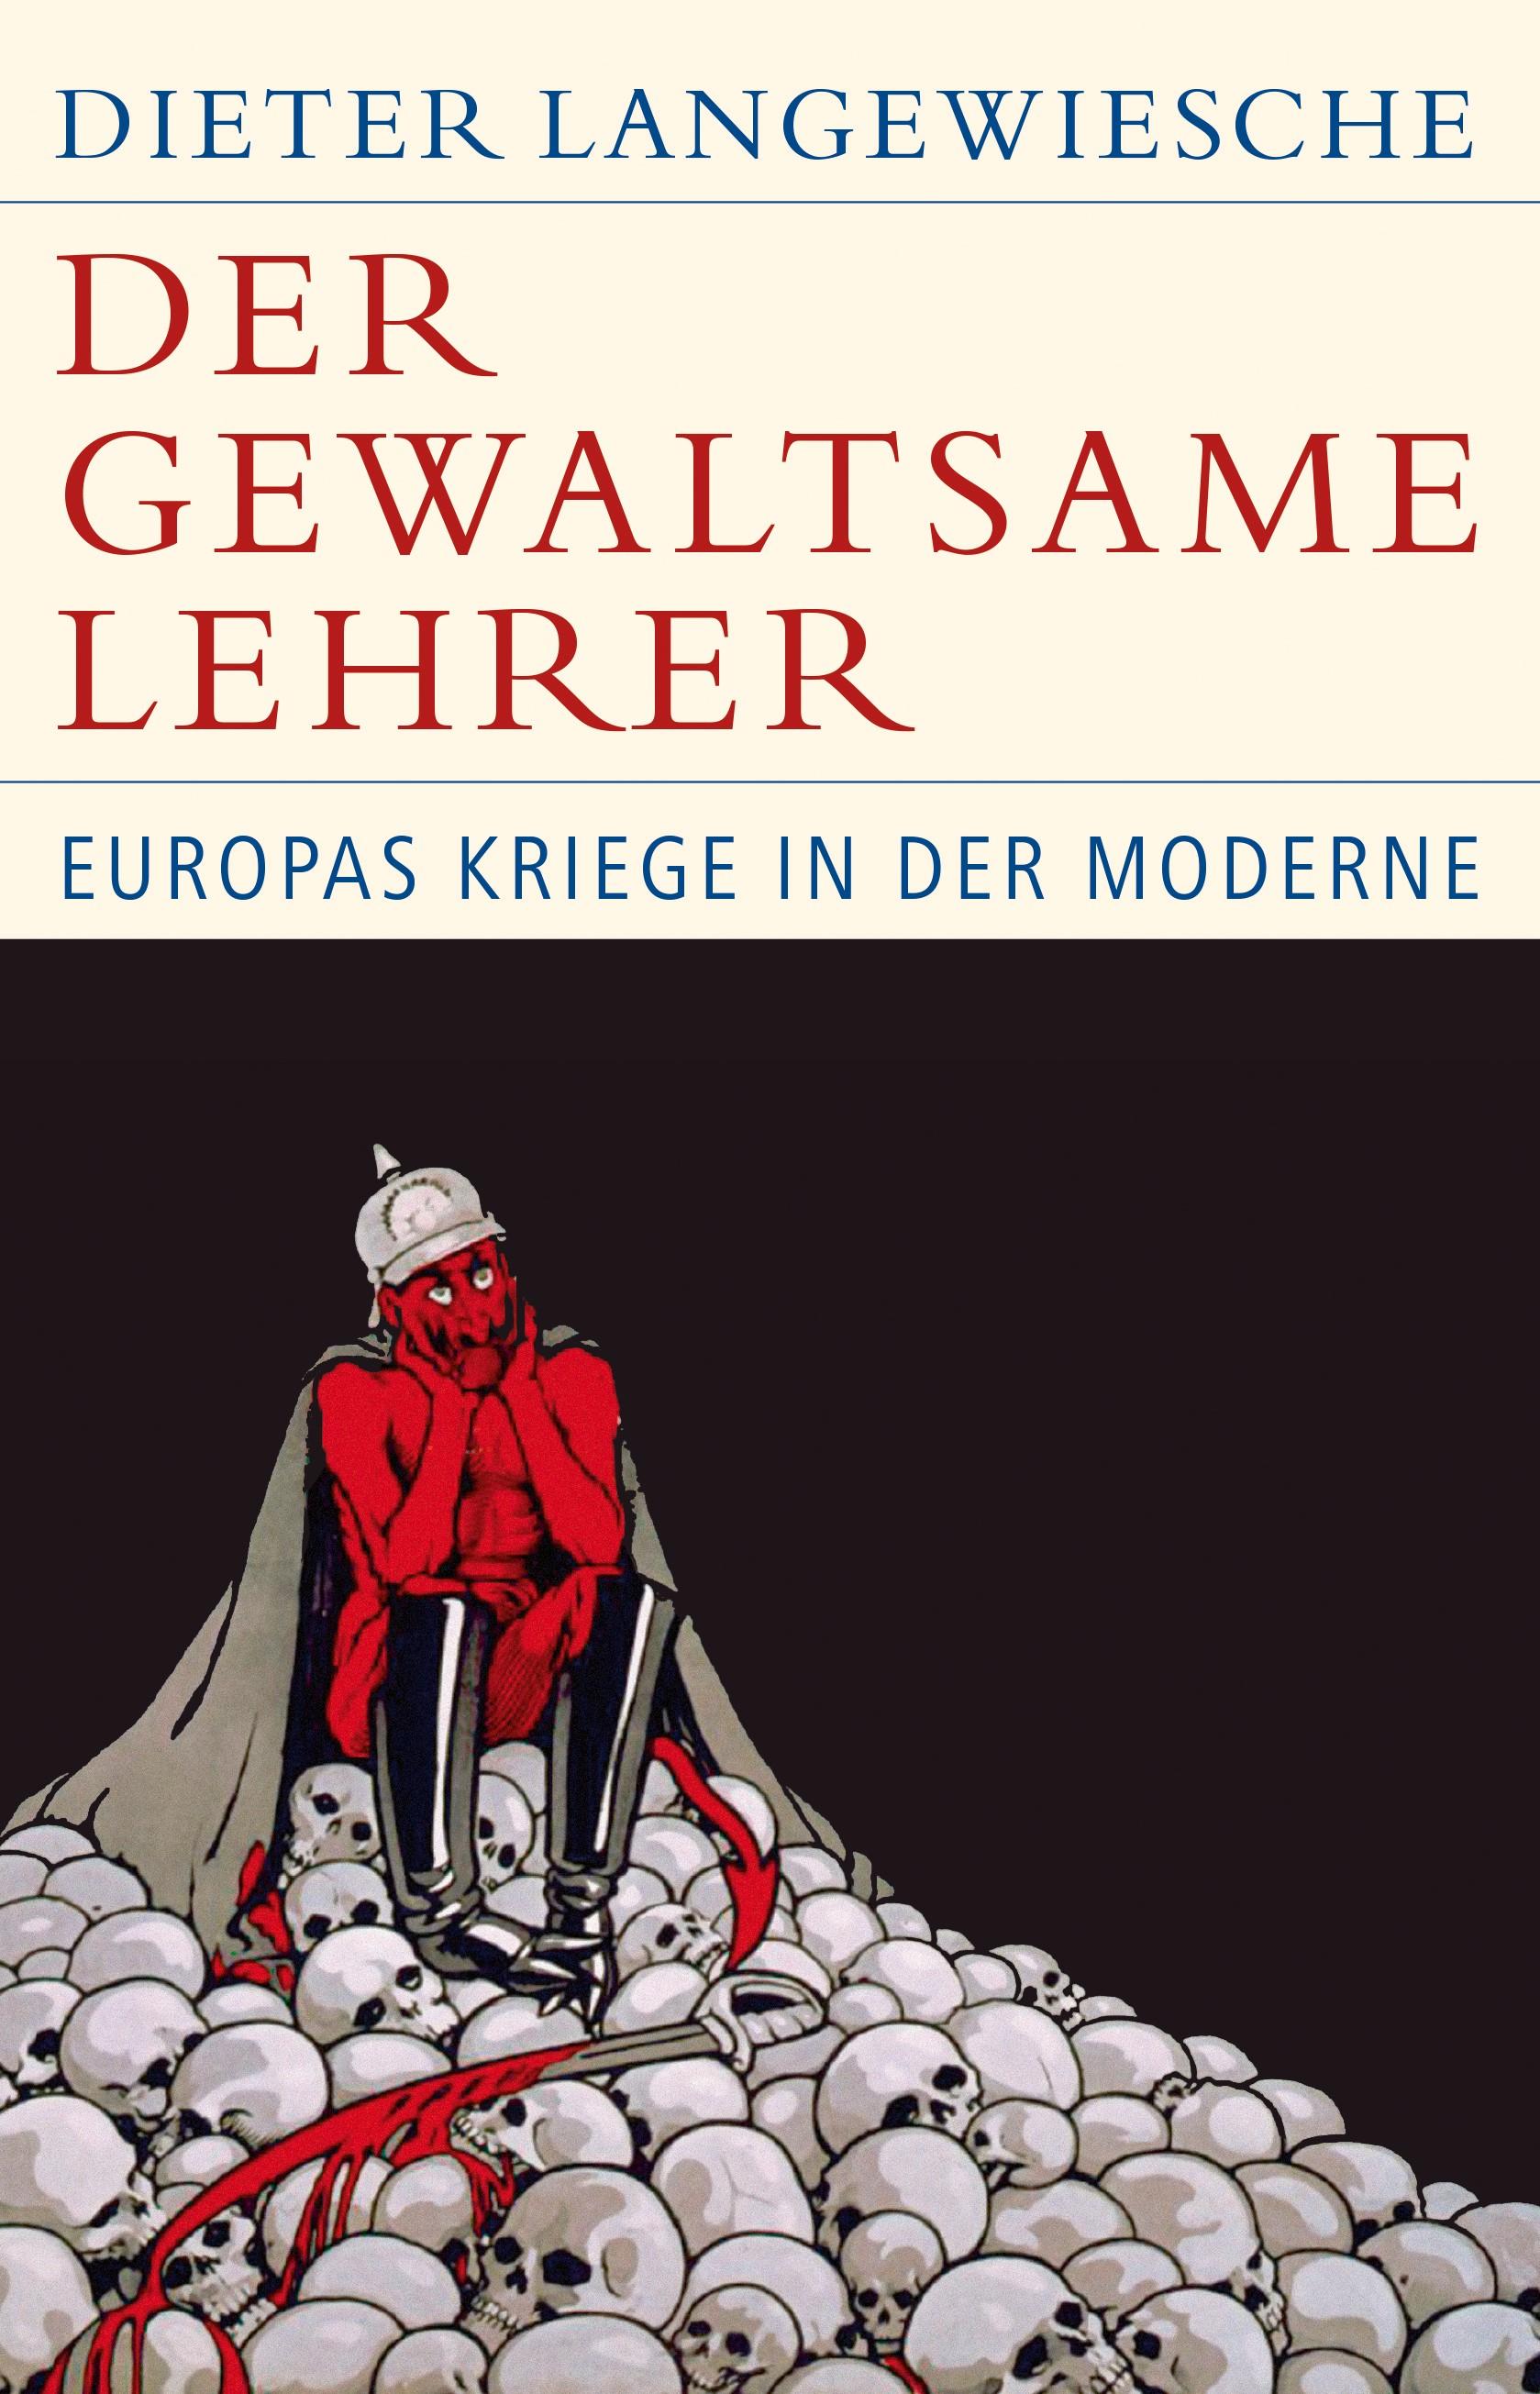 Abbildung von Langewiesche, Dieter | Der gewaltsame Lehrer | 2019